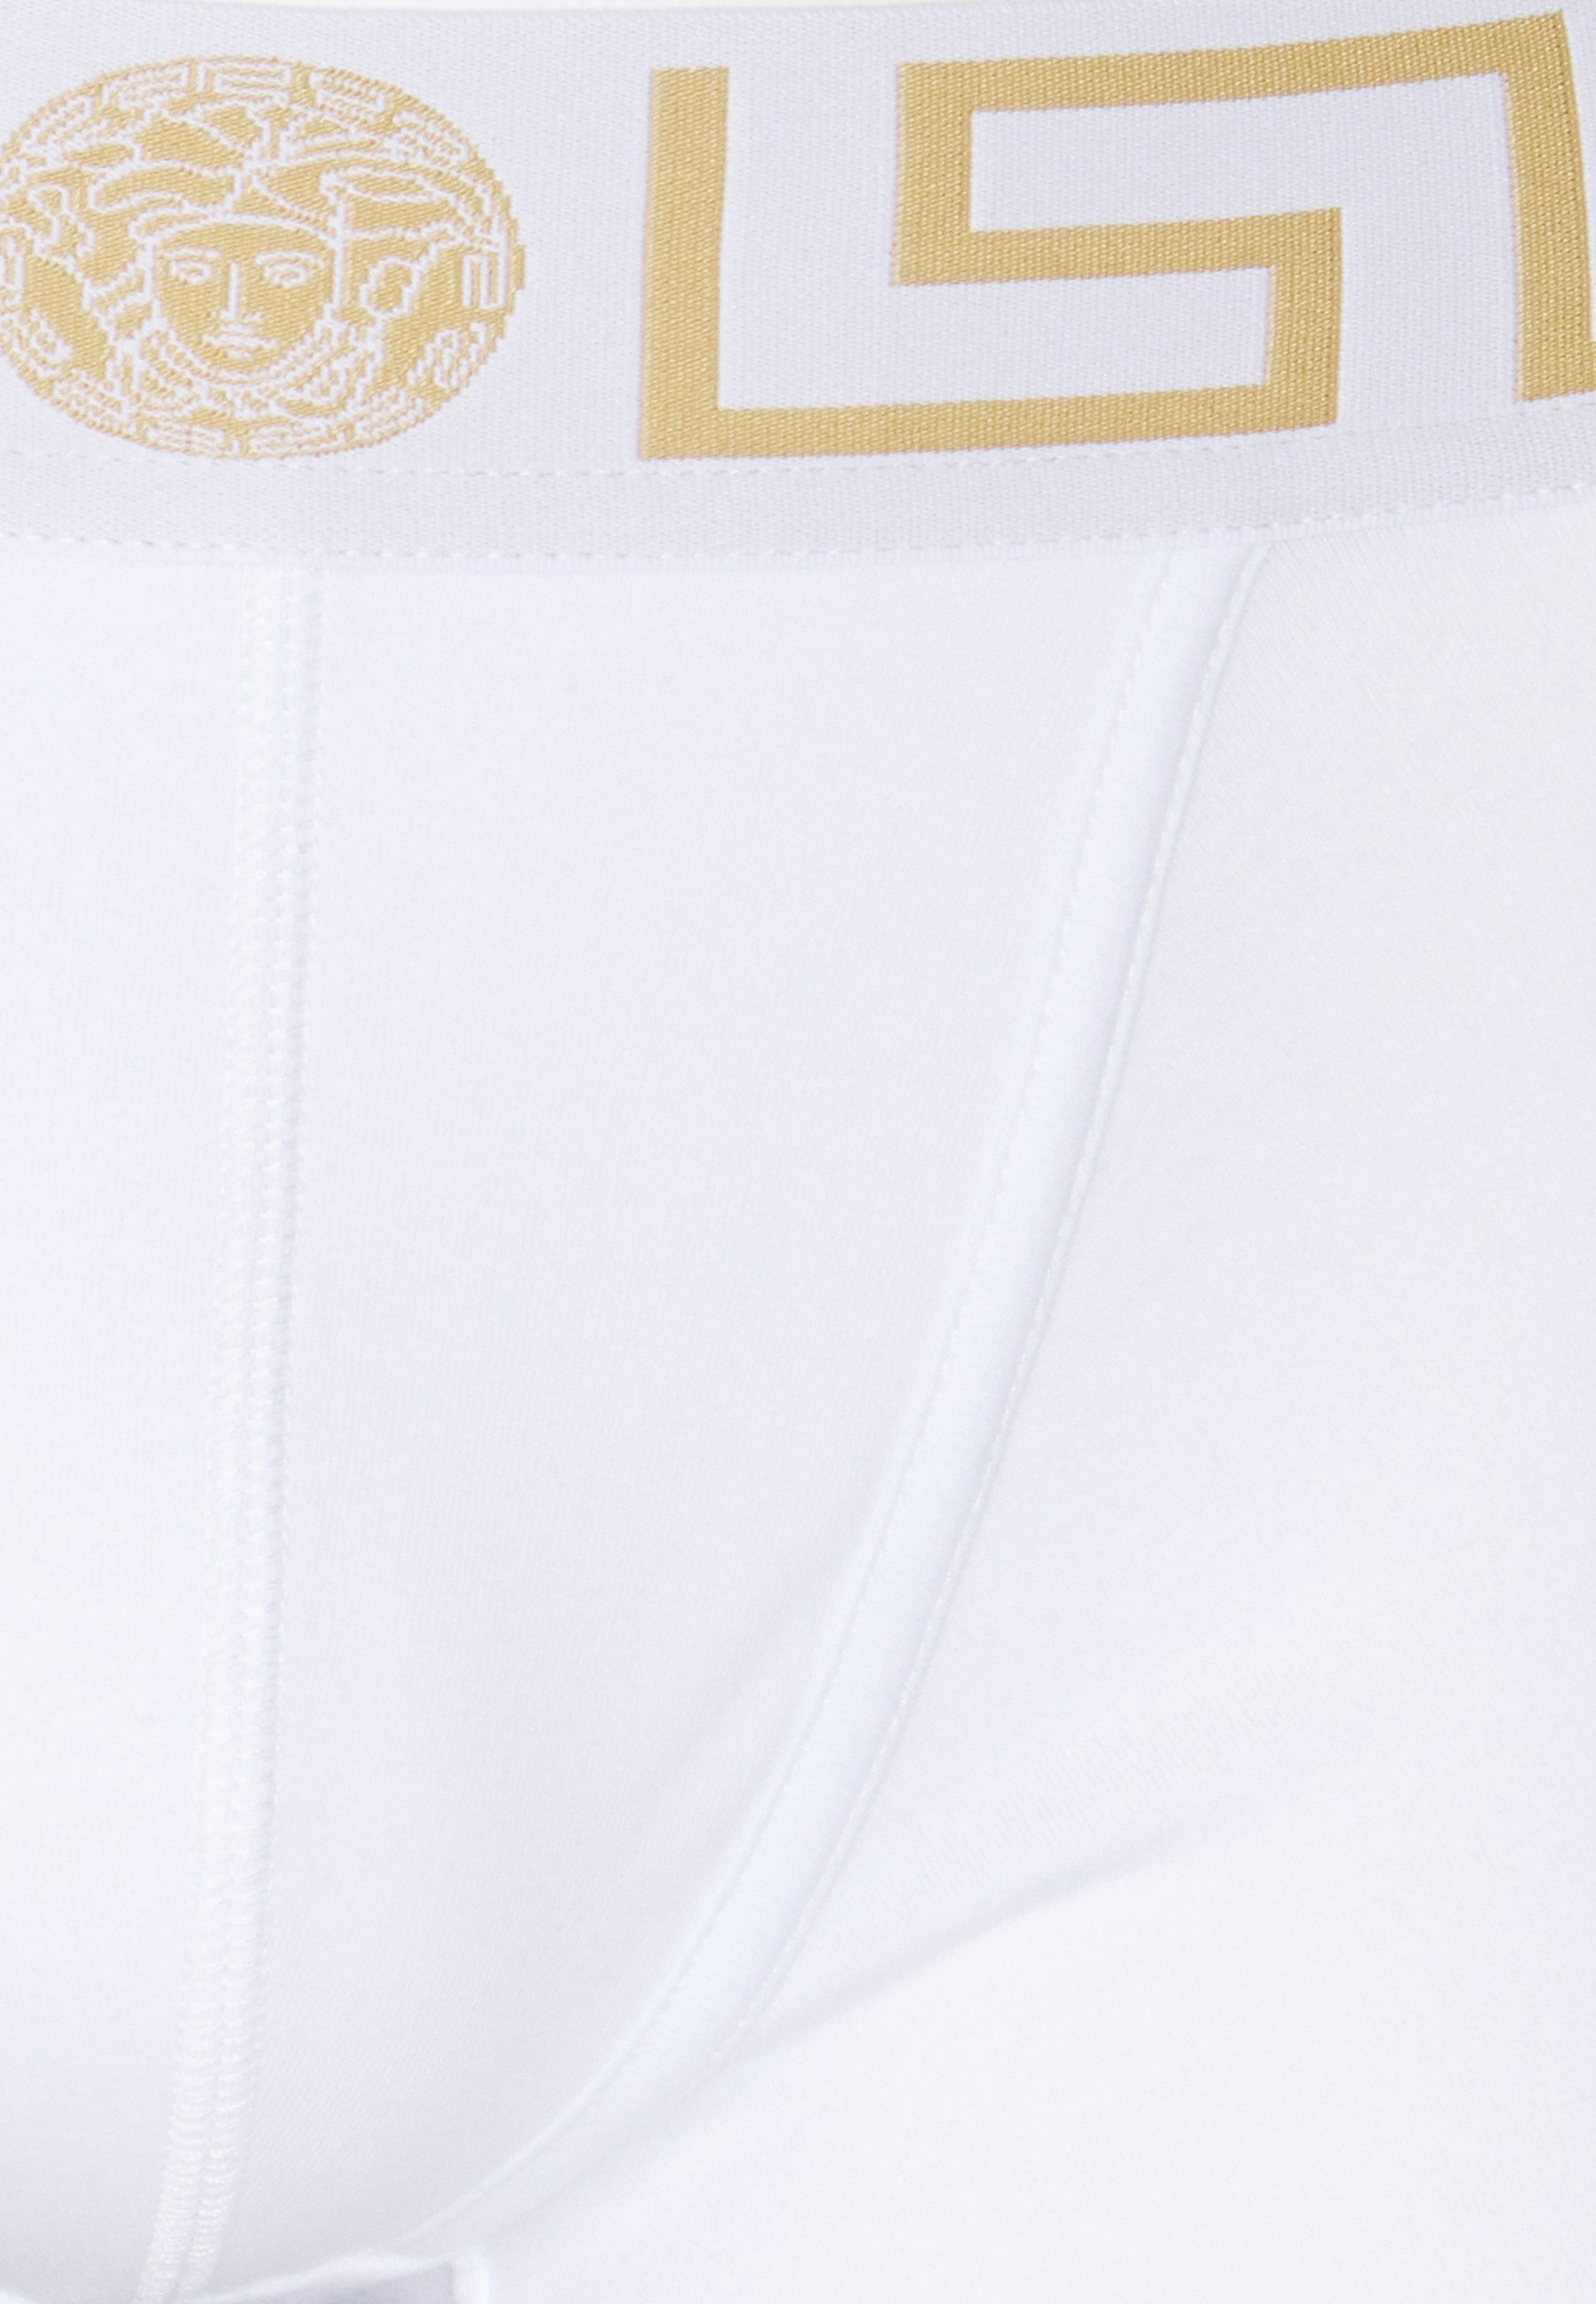 Uomo PARIGAMBA BASSO INTIMO UOMO 2 PACK - Culotte